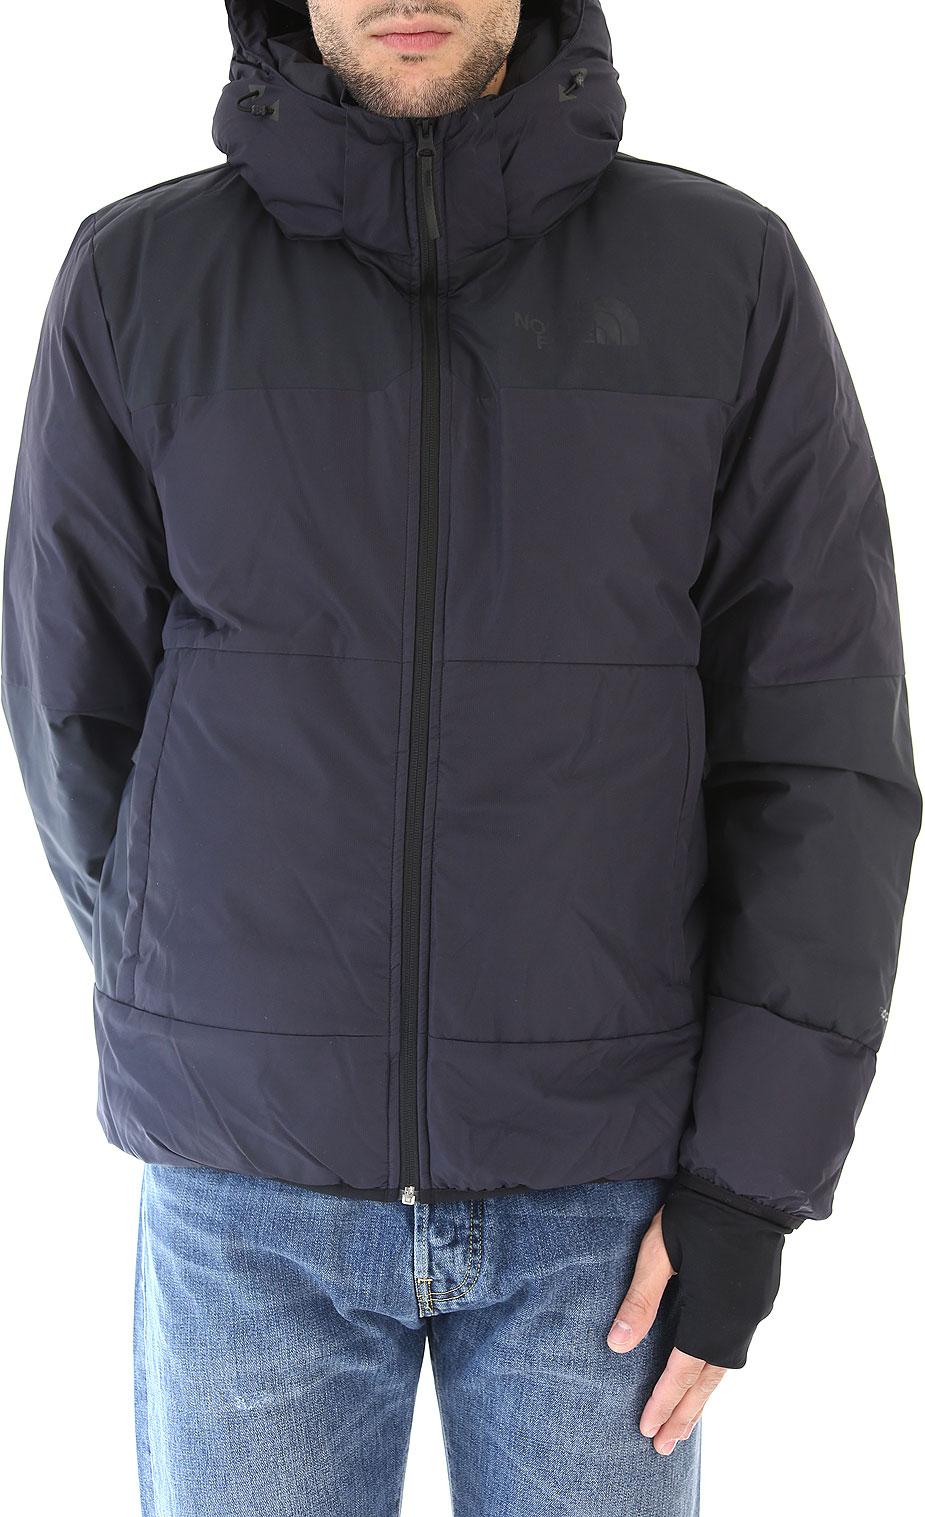 Abbigliamento Uomo The North Face, Codice Articolo: t933hq8z6--